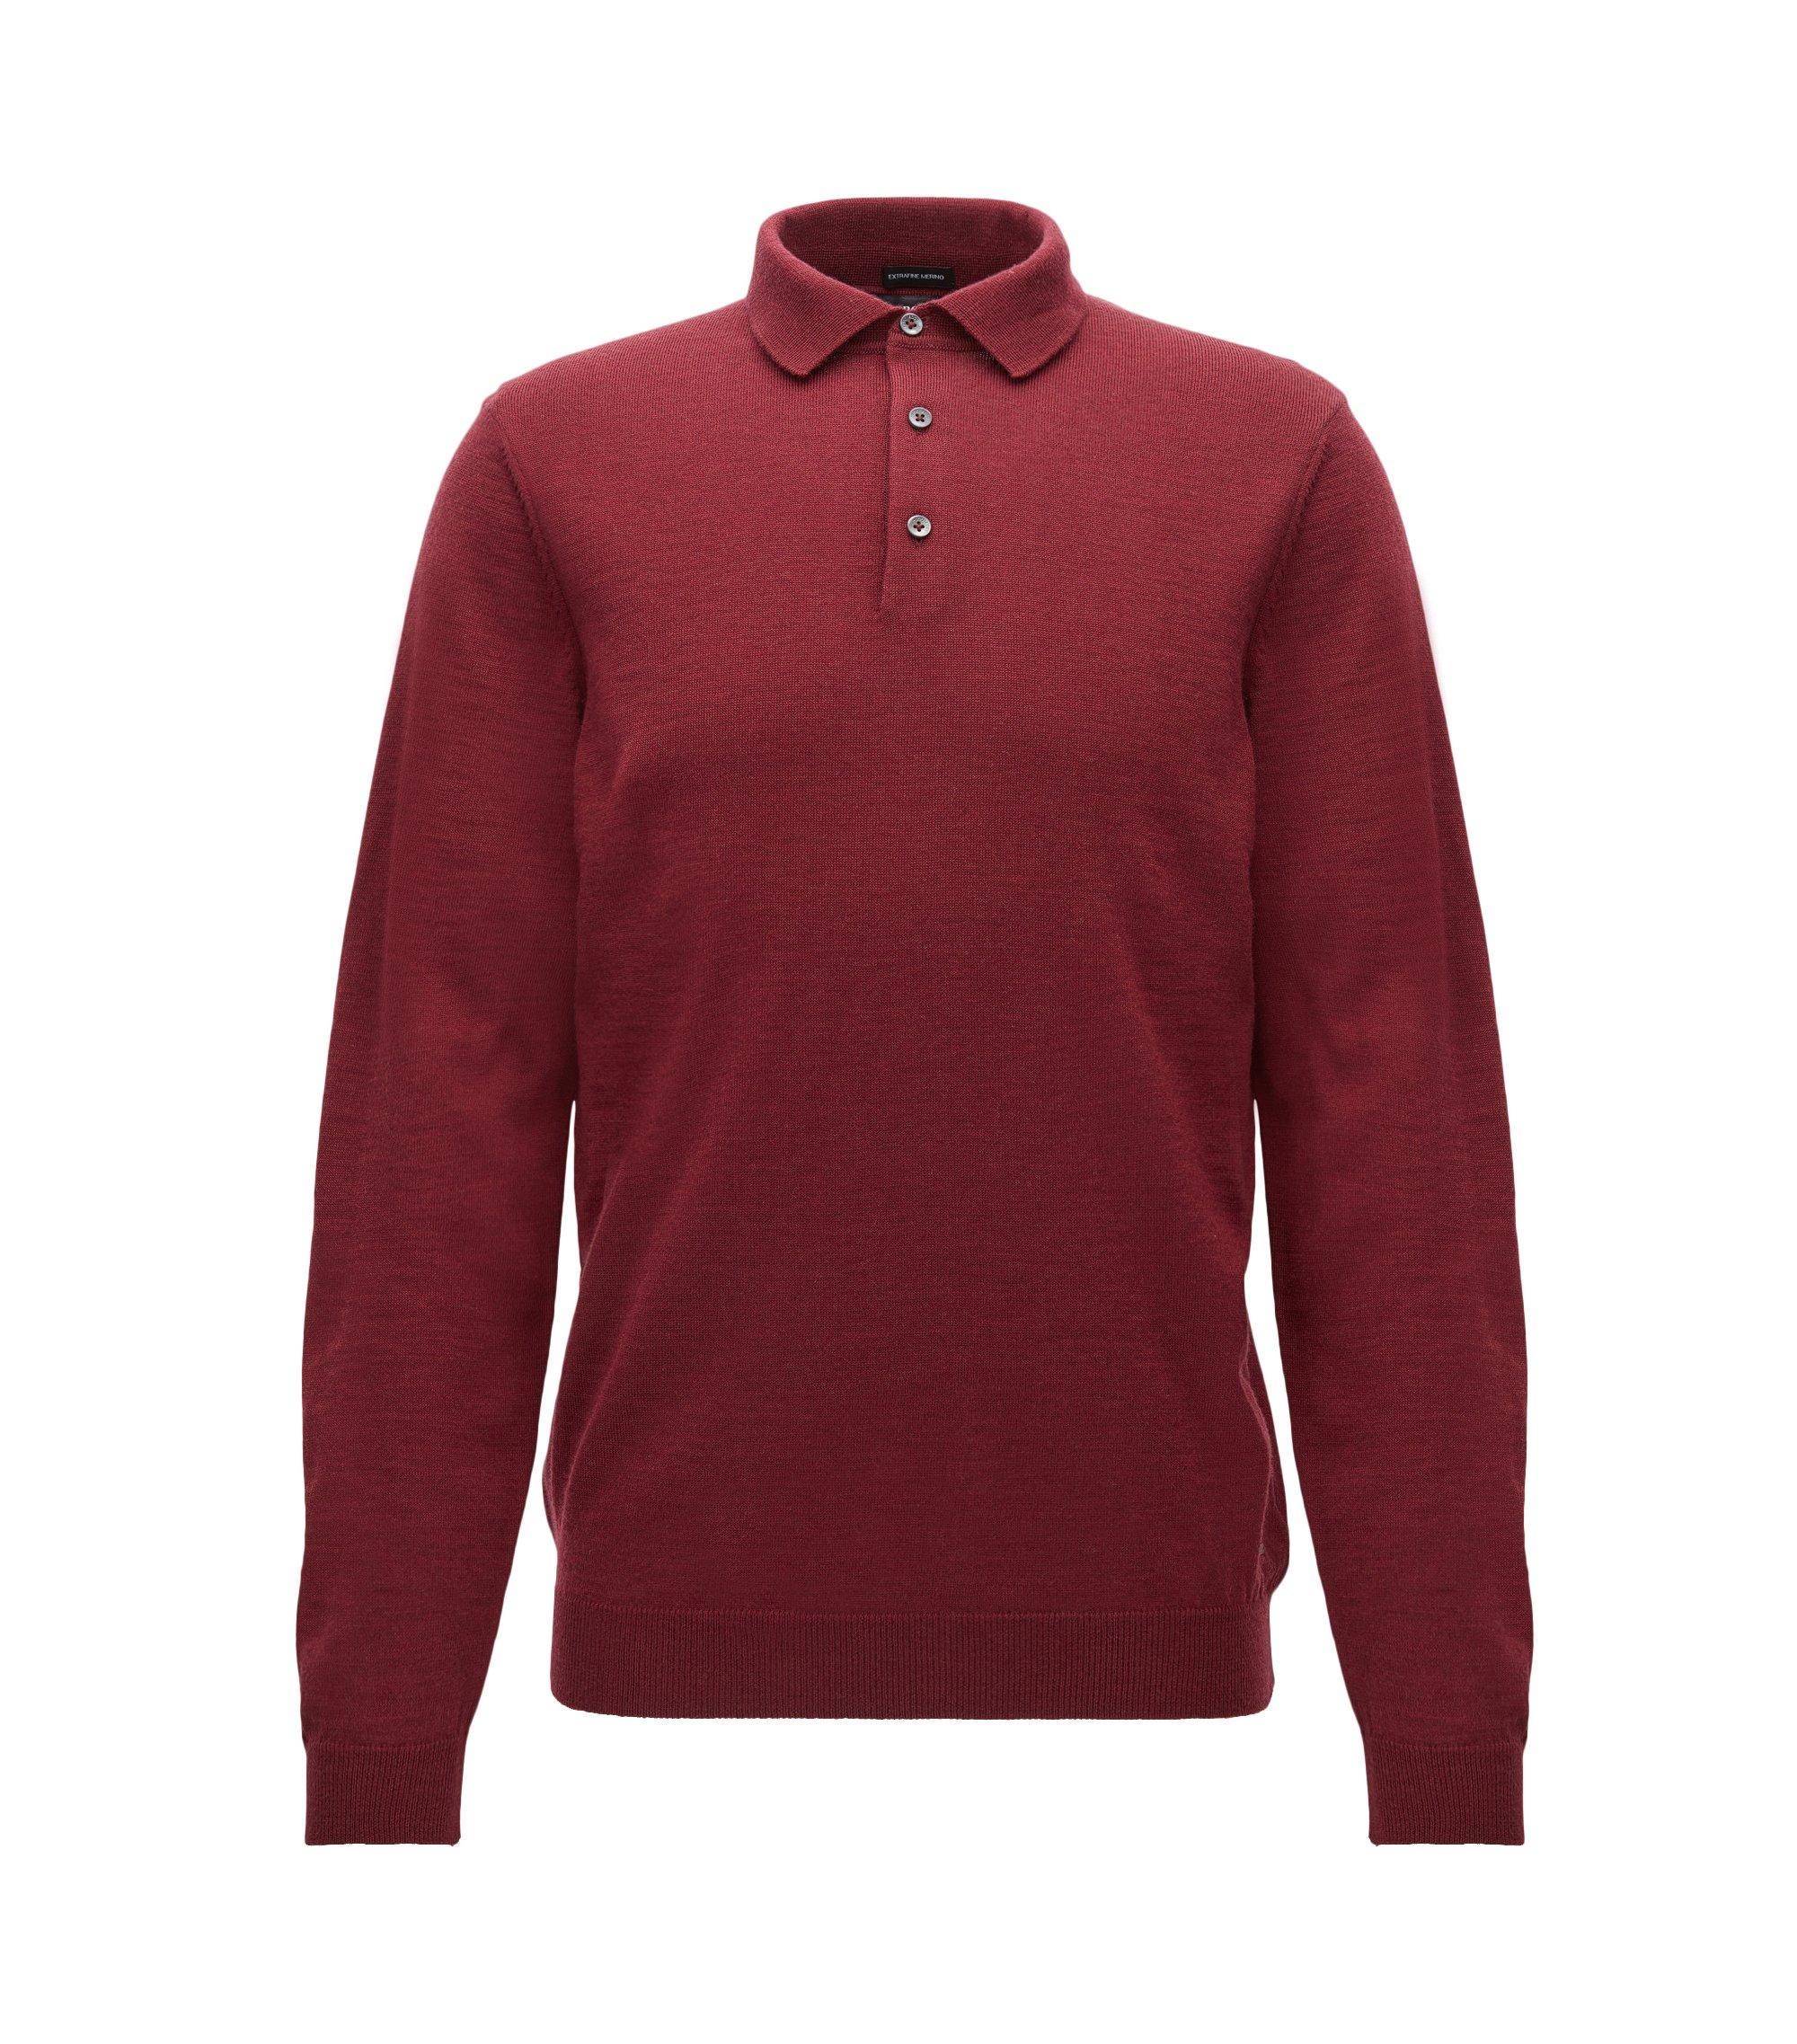 Jersey de manga larga con cuello de polo en lana virgen, Rojo oscuro